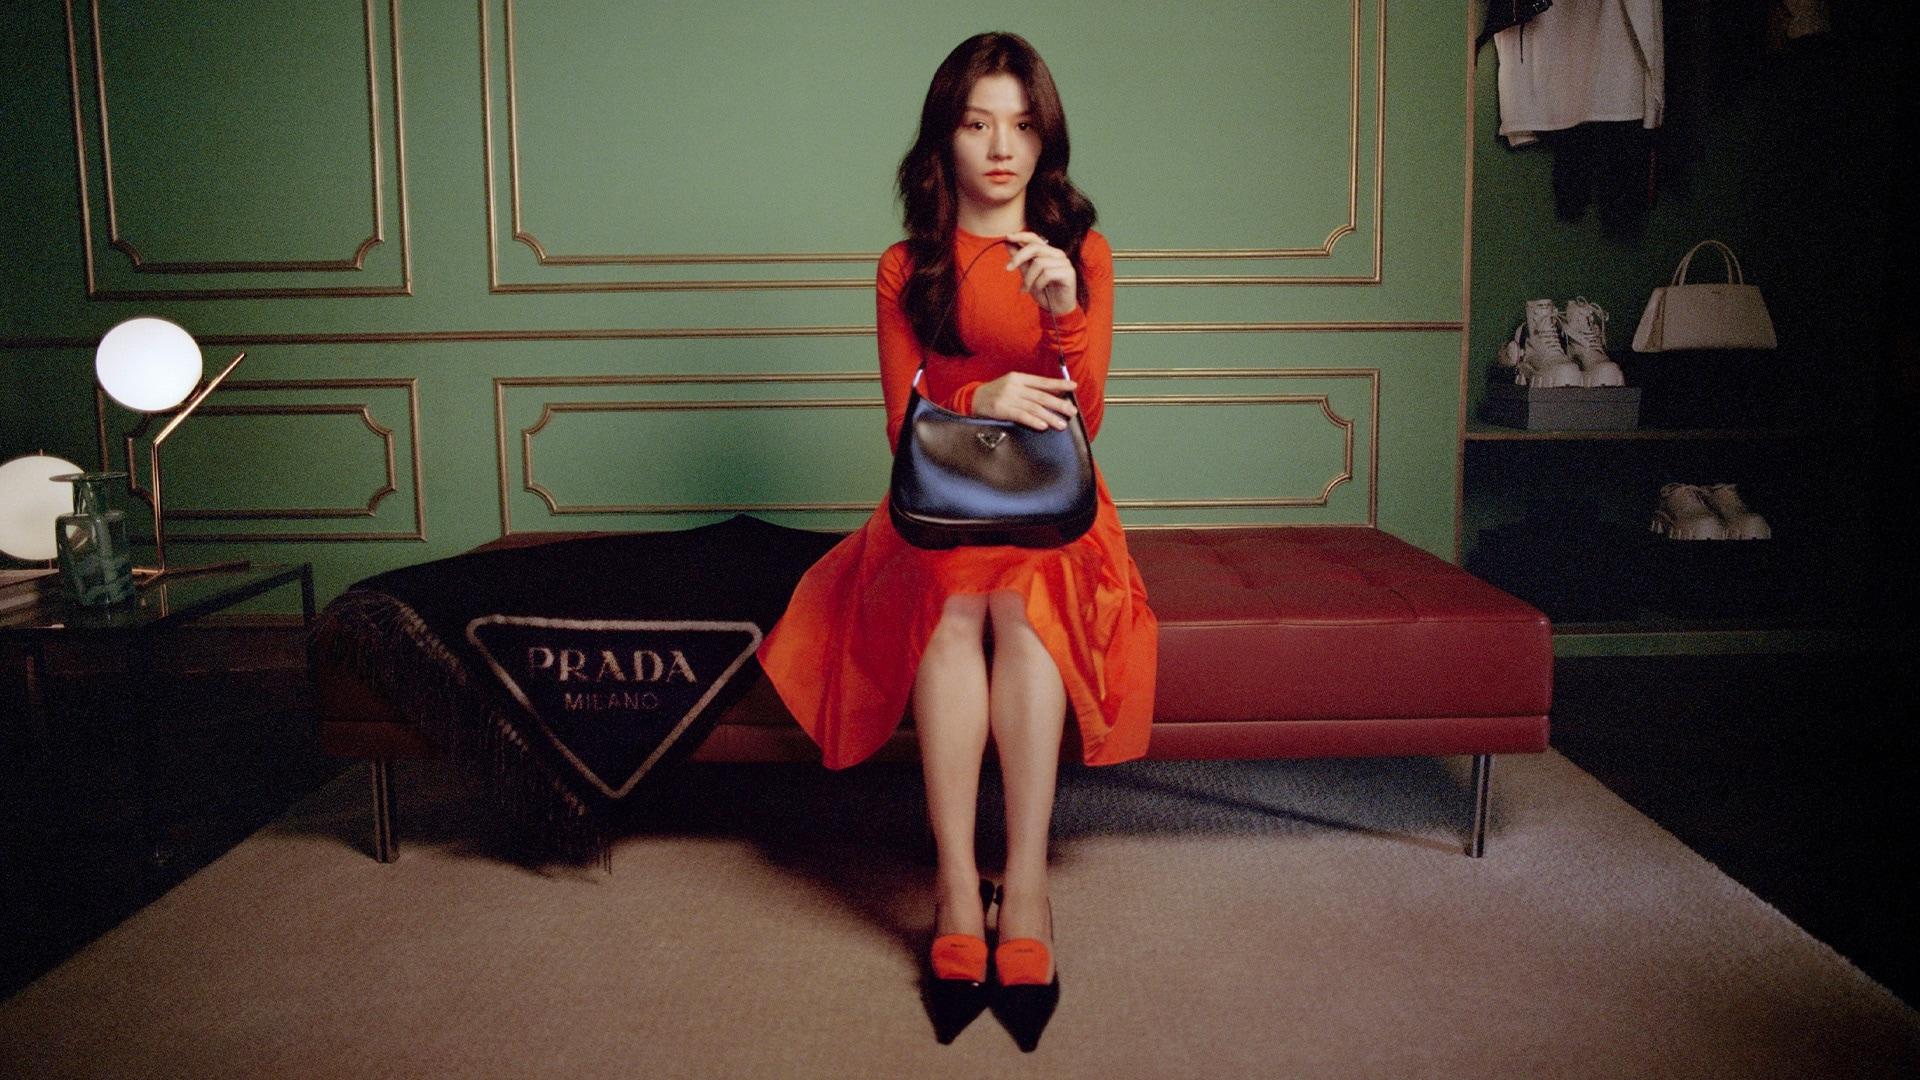 Il Capodanno cinese, dedicato al bue, una figura stabile, affidabile e diligente, entra a far parte del mondo della moda a tutti gli effetti.